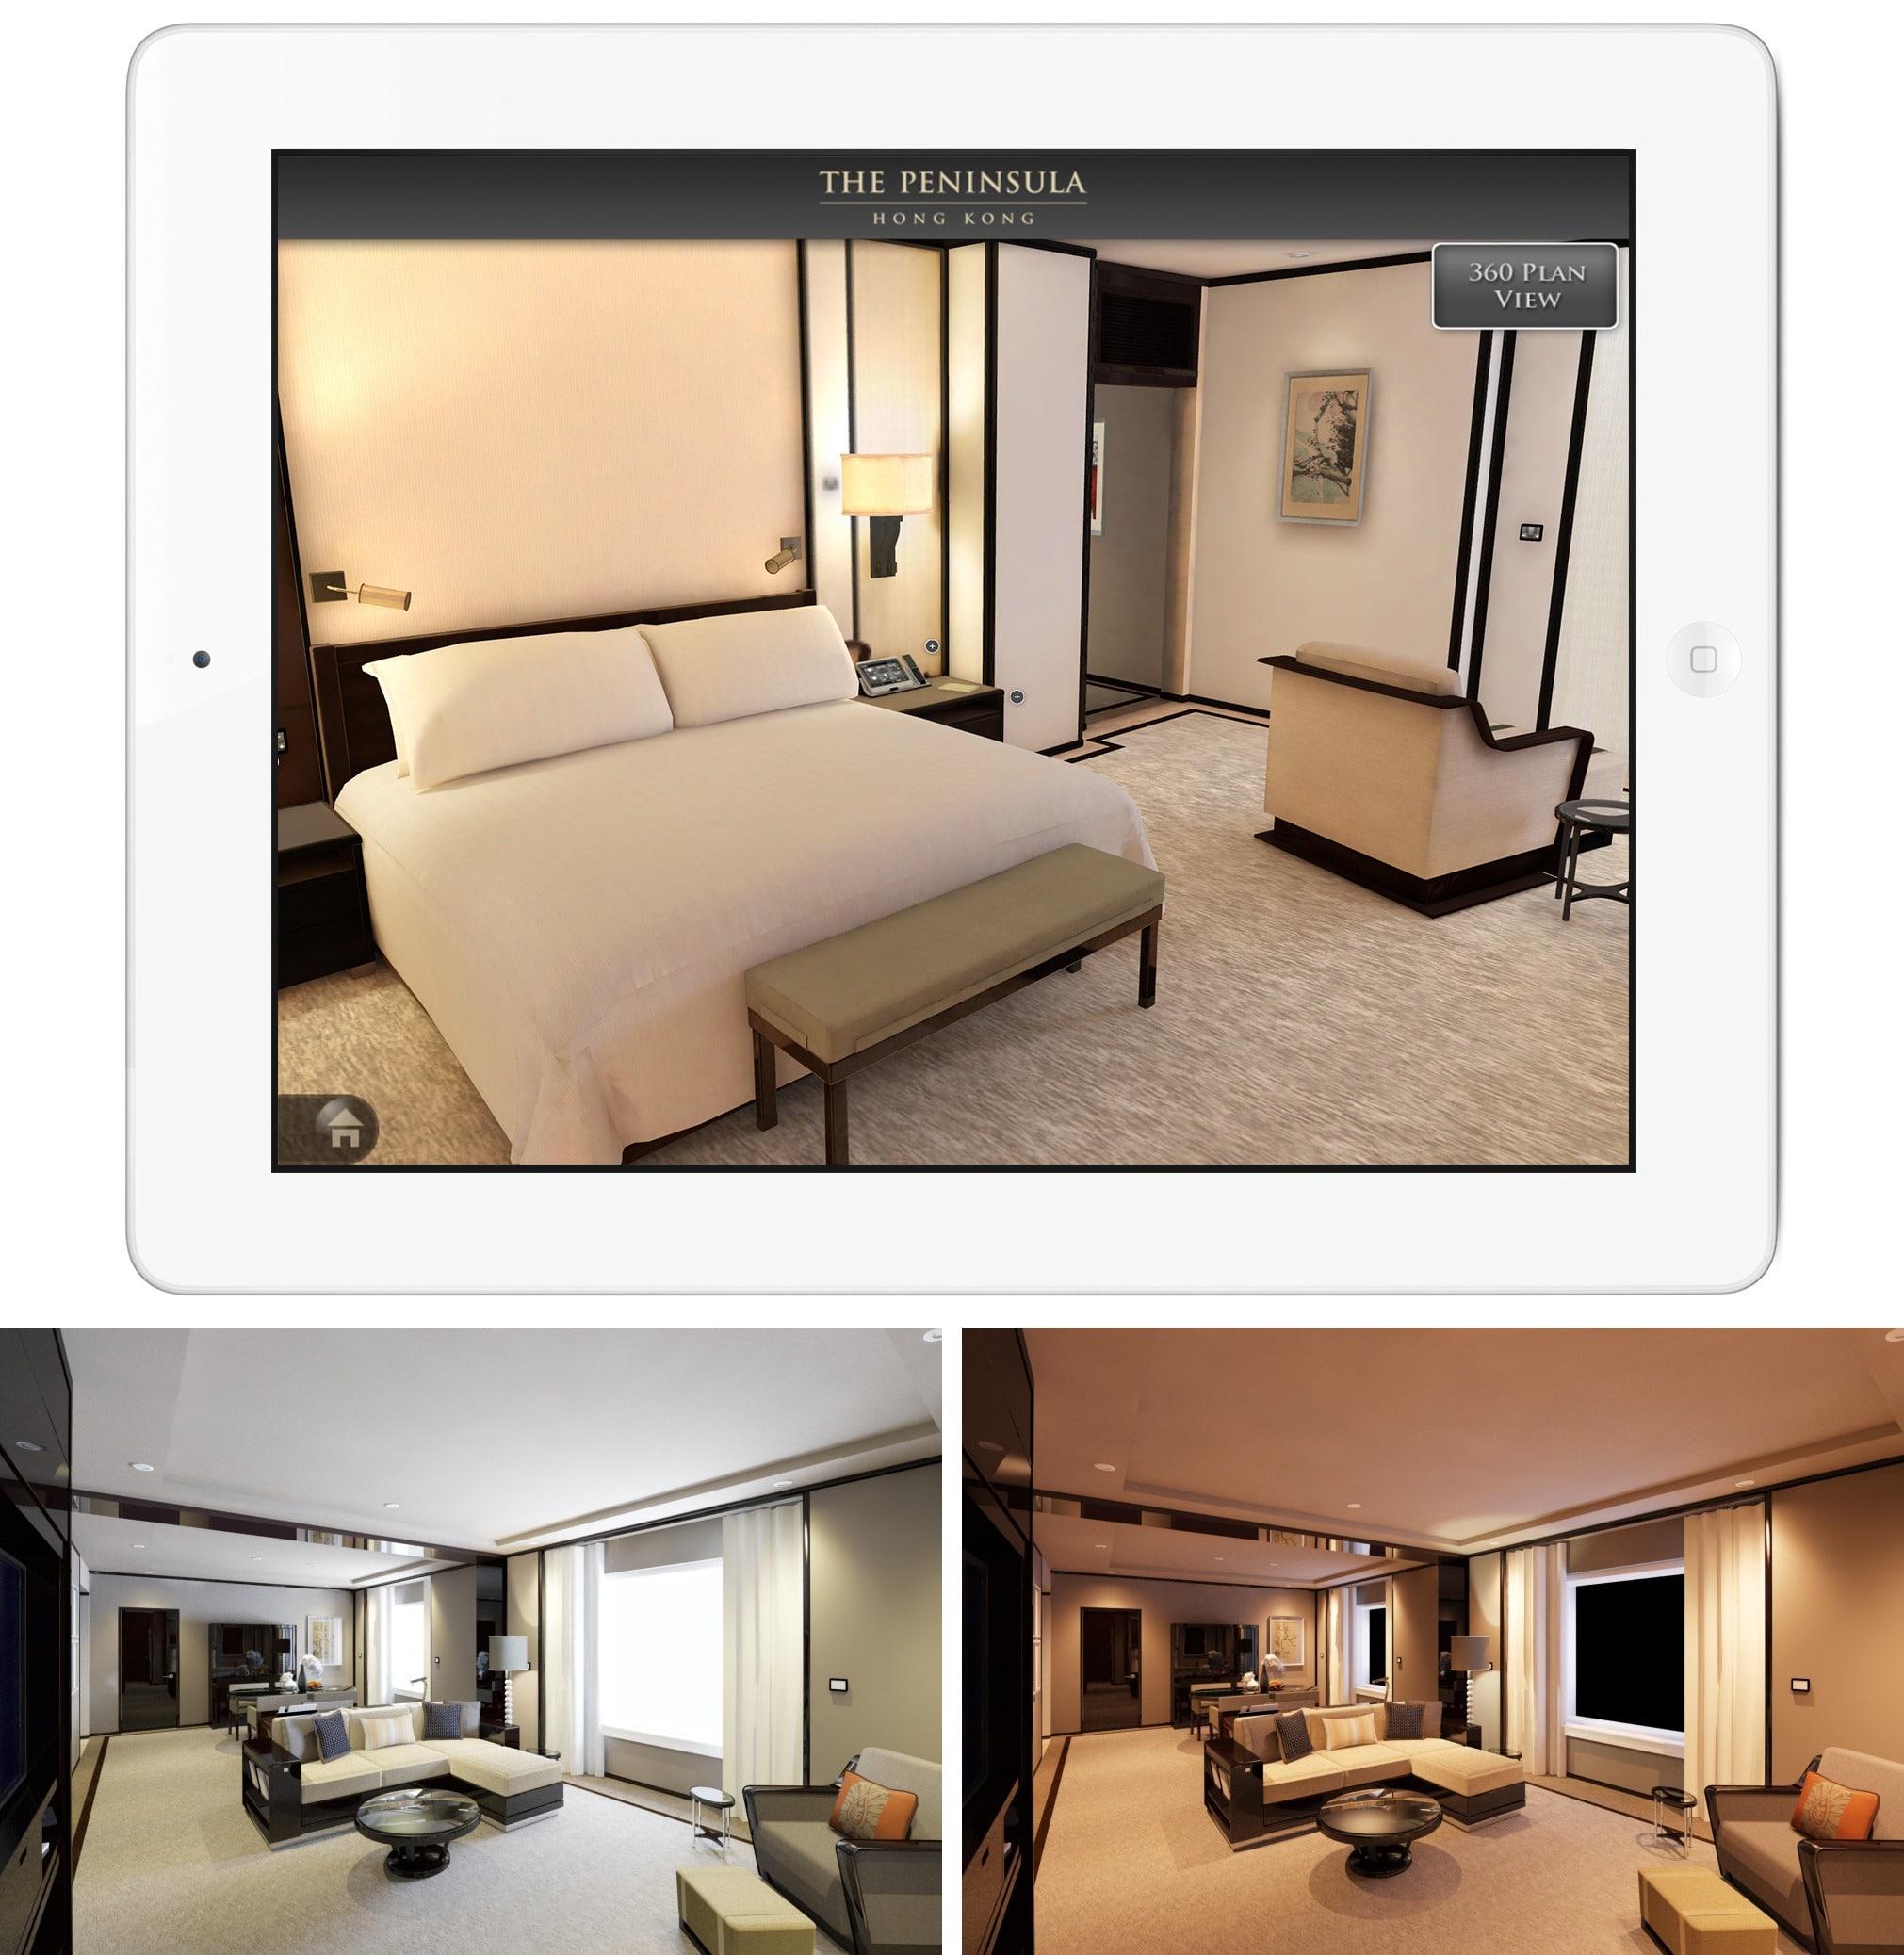 stas3dart-hong-kong-peninsula-ipad-app-3d-modelling